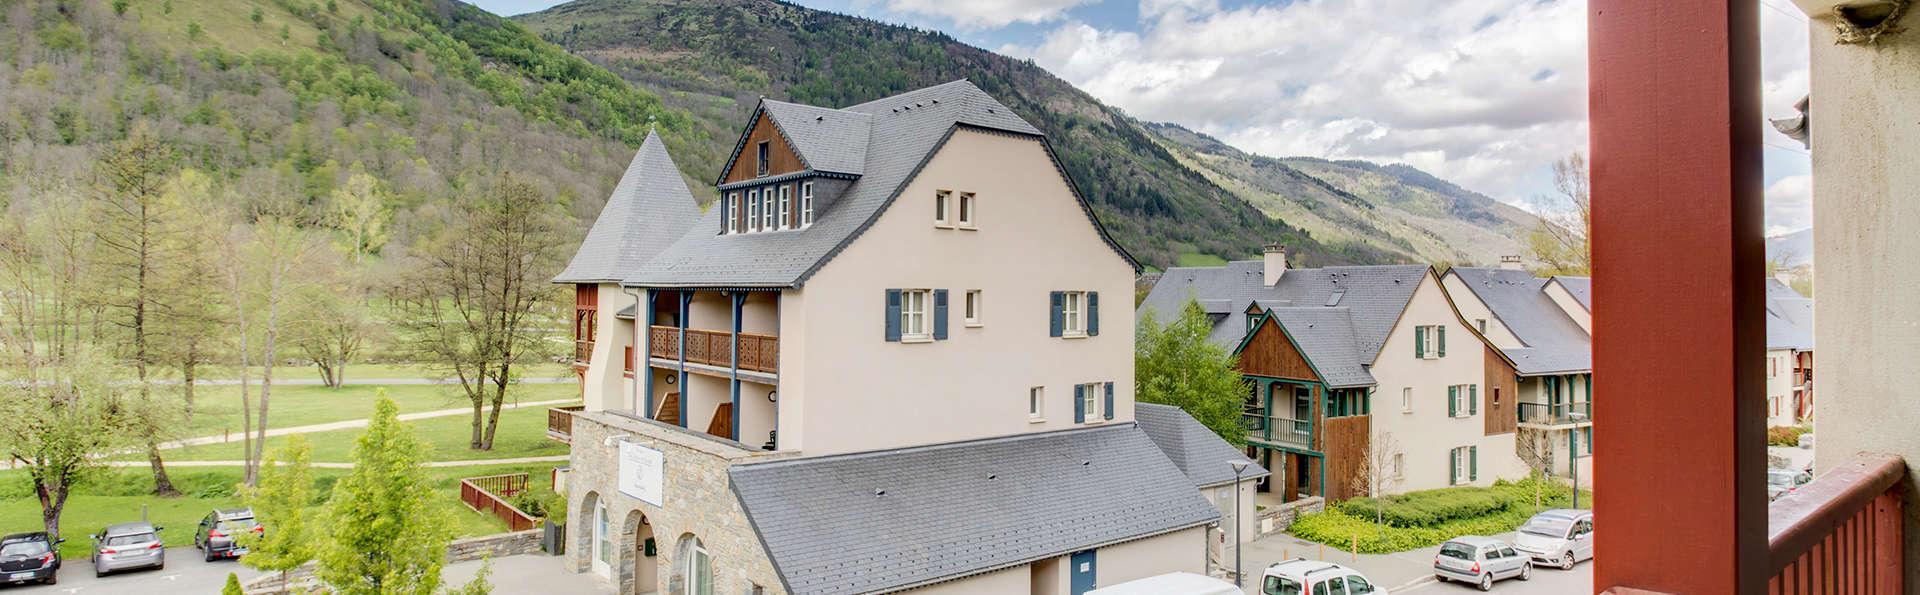 Studio dans un village des Pyrénées à Loudenvielle